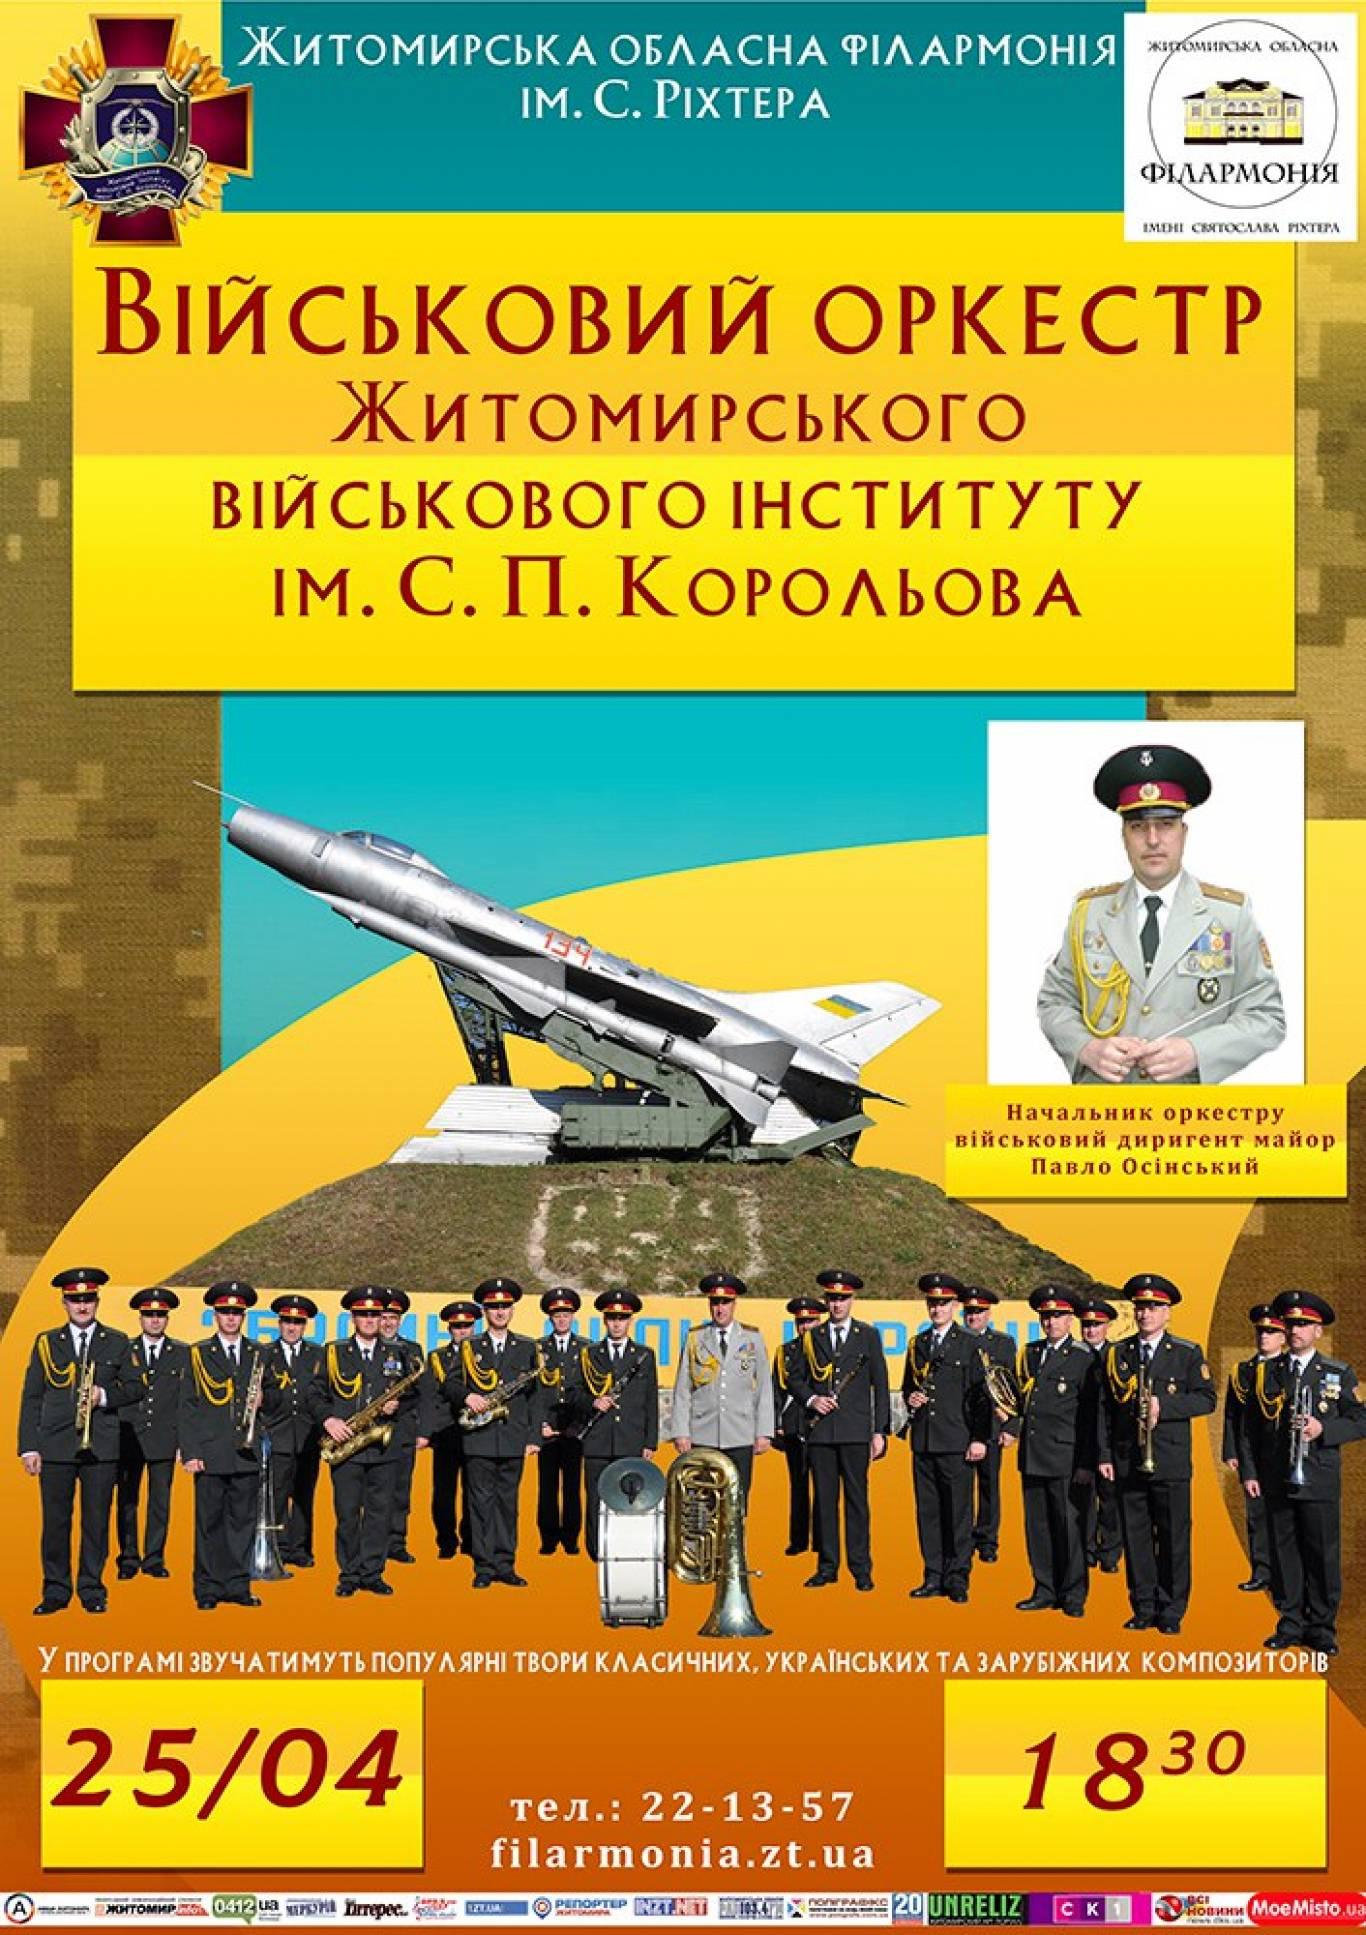 Концерт Військового оркестру